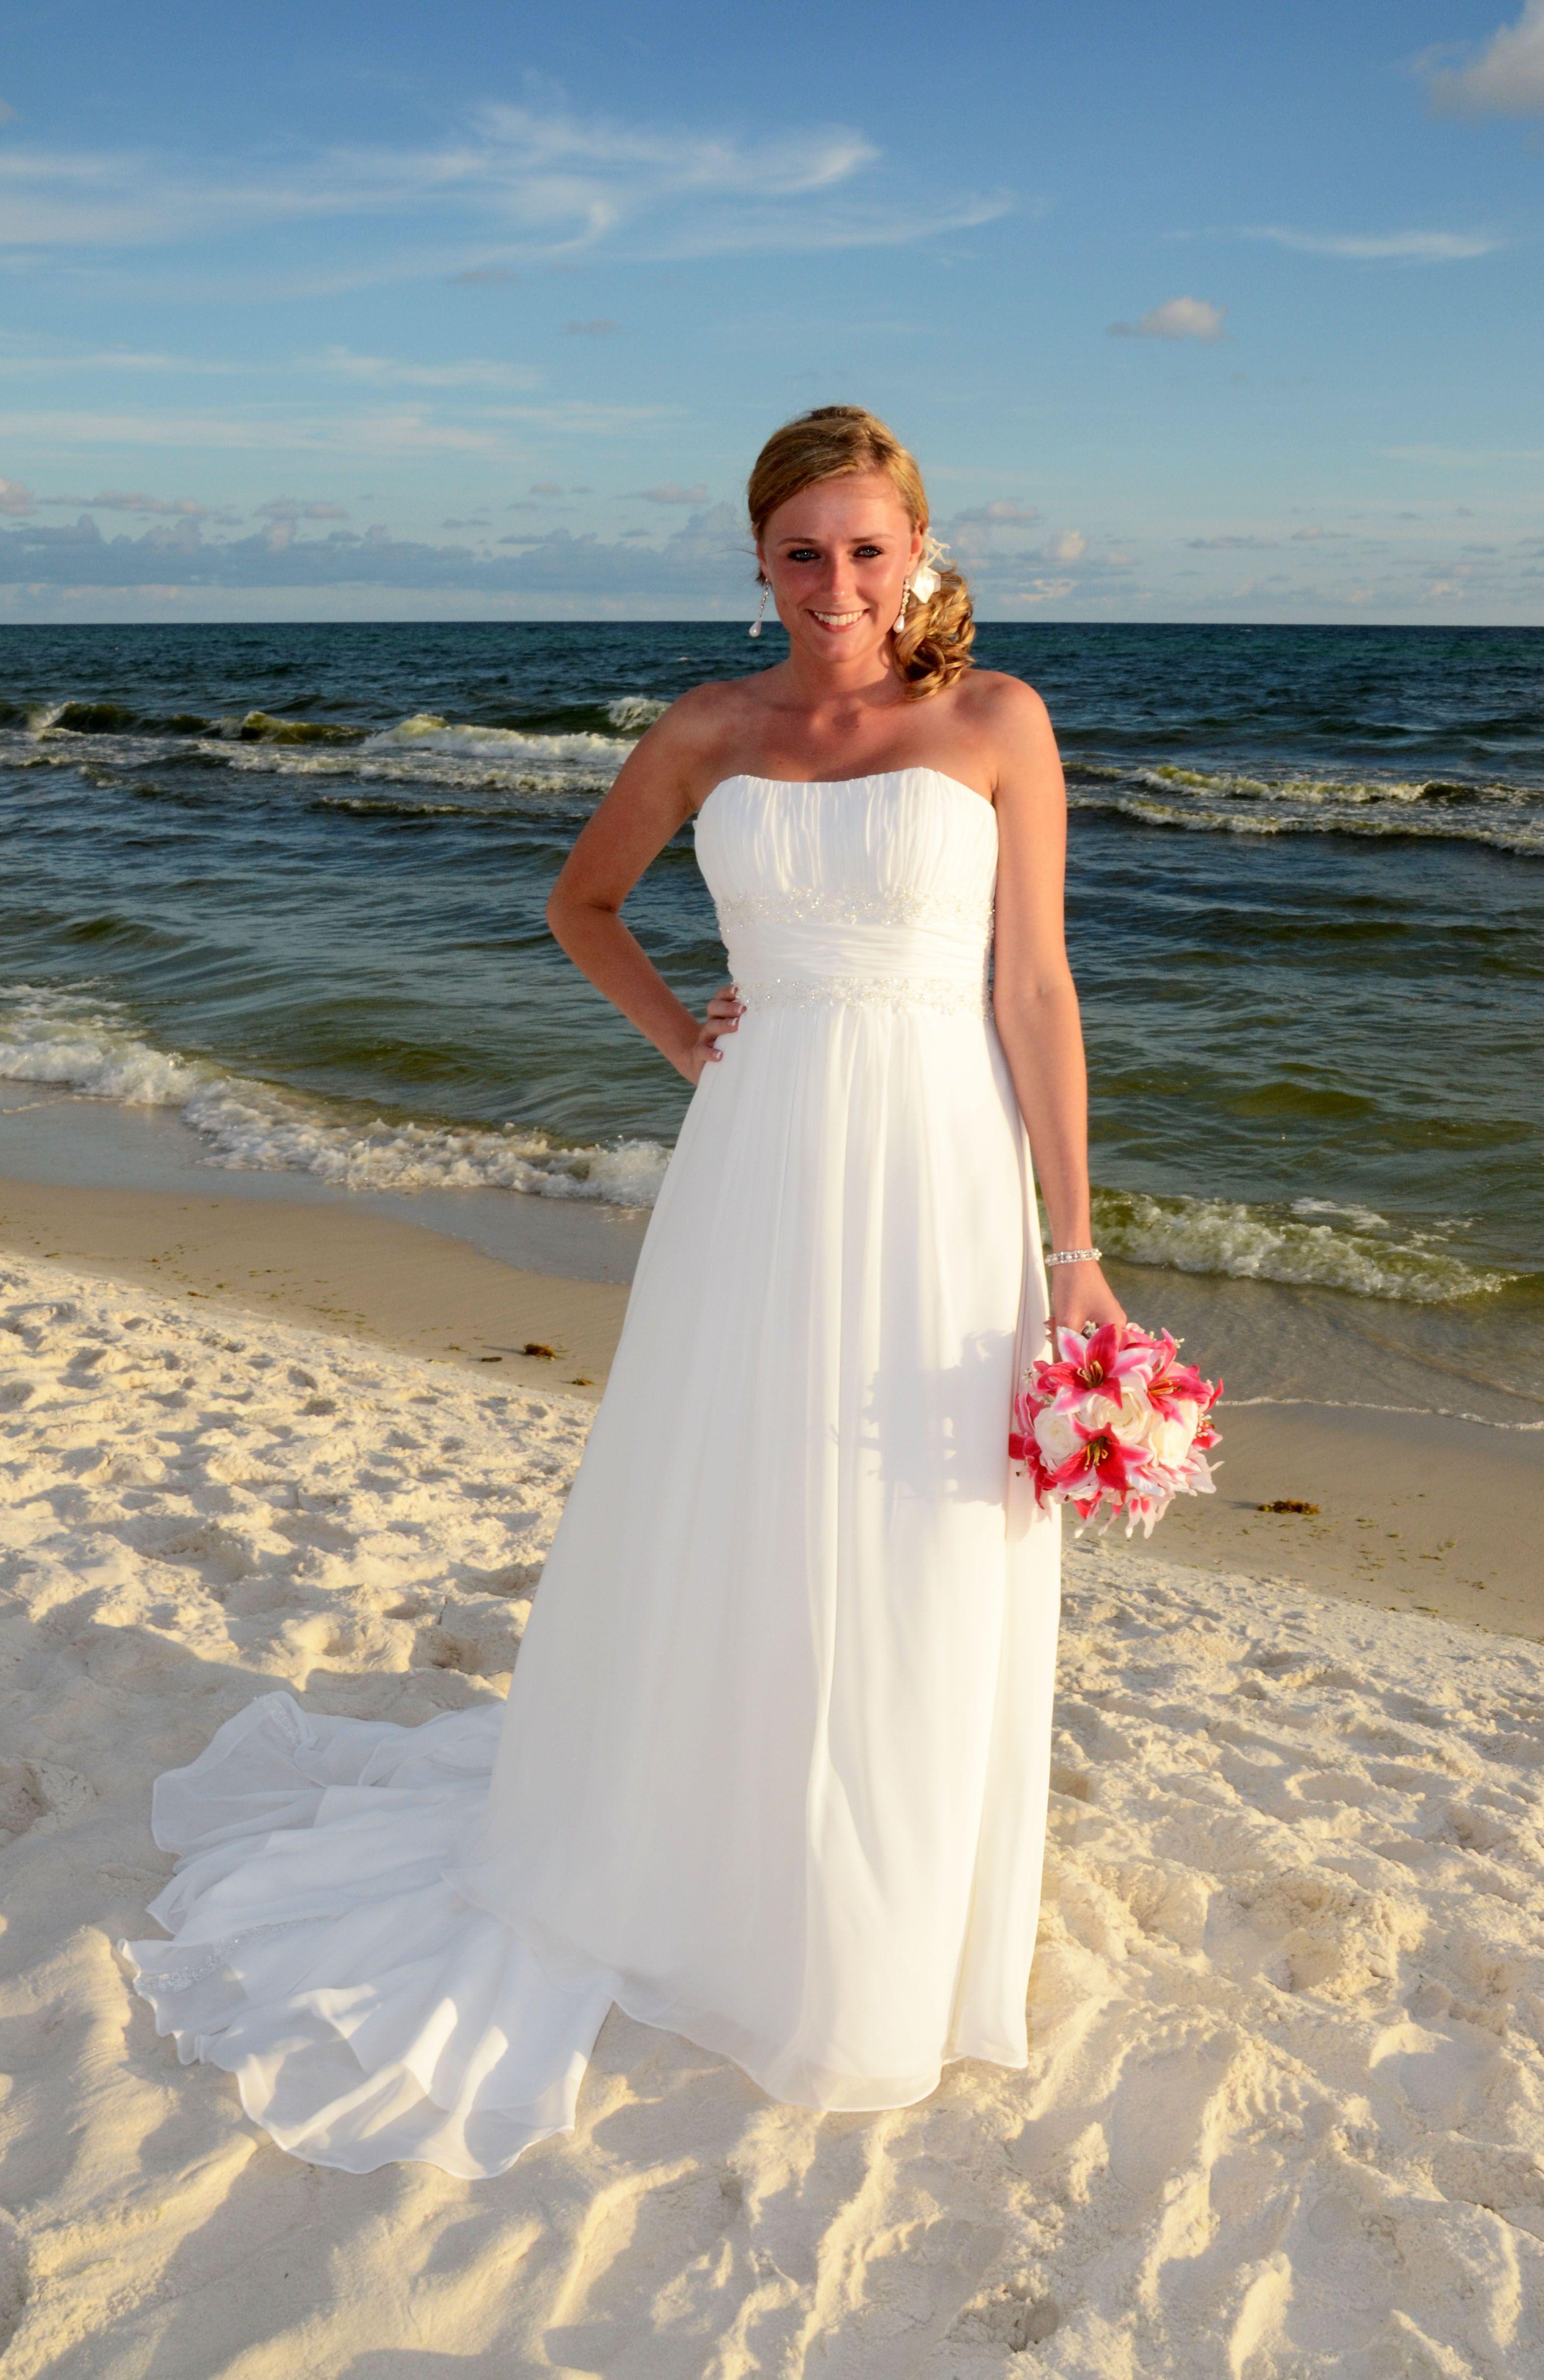 Cute dress, hair, bouquet! Panama City Beach FL, July 2011